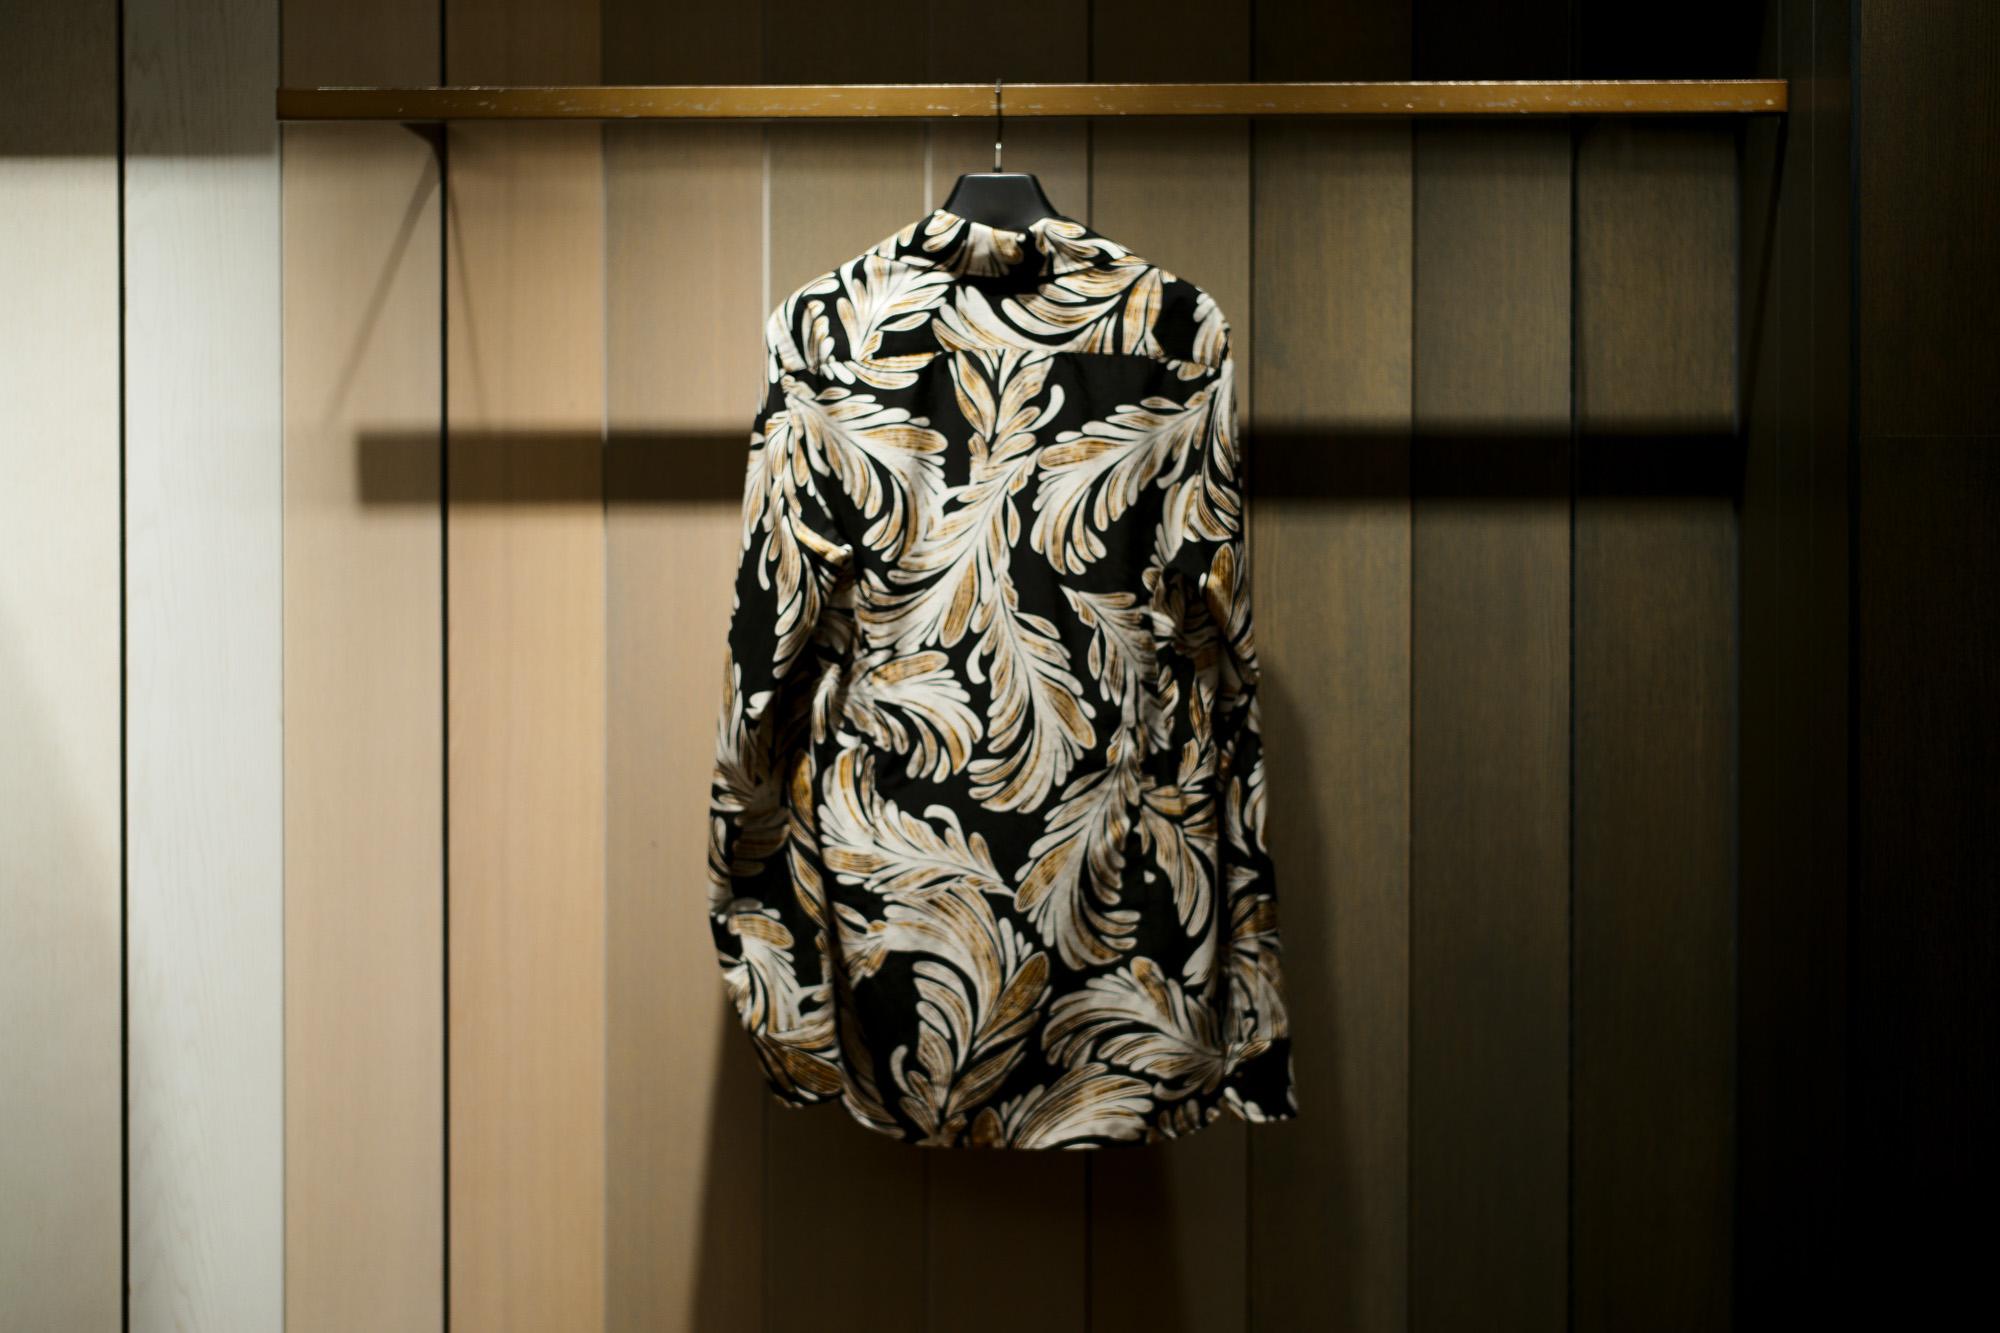 TAGLIATORE / タリアトーレ (2022 春夏 メイン 展示会) 愛知 名古屋 Alto e Diritto altoediritto アルトエデリット シャツ 柄シャツ ヤンキーシャツ イタリアンシャツ スーツにシャツ 黒ジャケットにシャツ タリアトーレシャツ